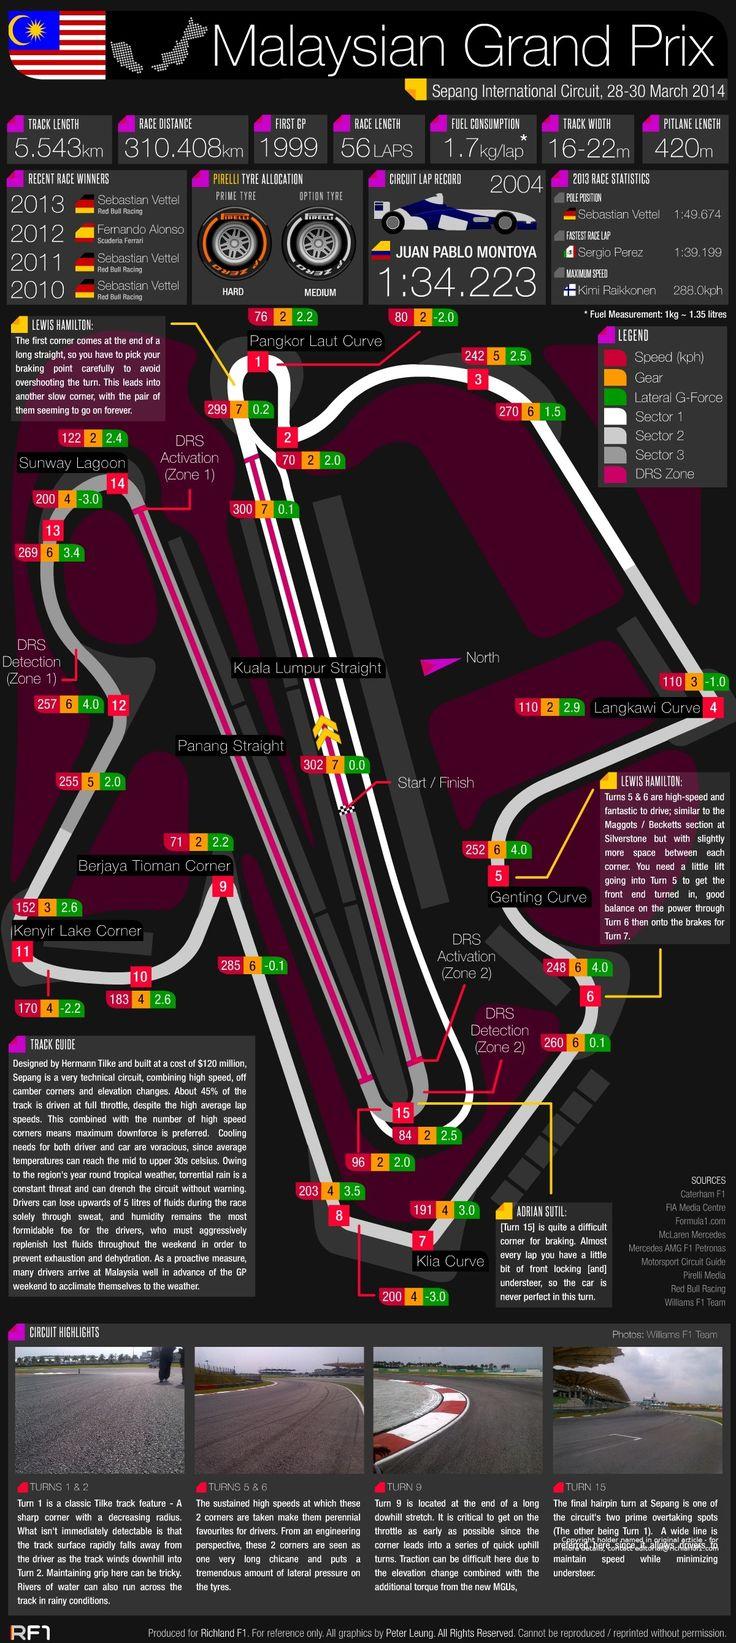 Grand Prix Guide: 2014 Malaysian Grand Prix #F1 #Infographic